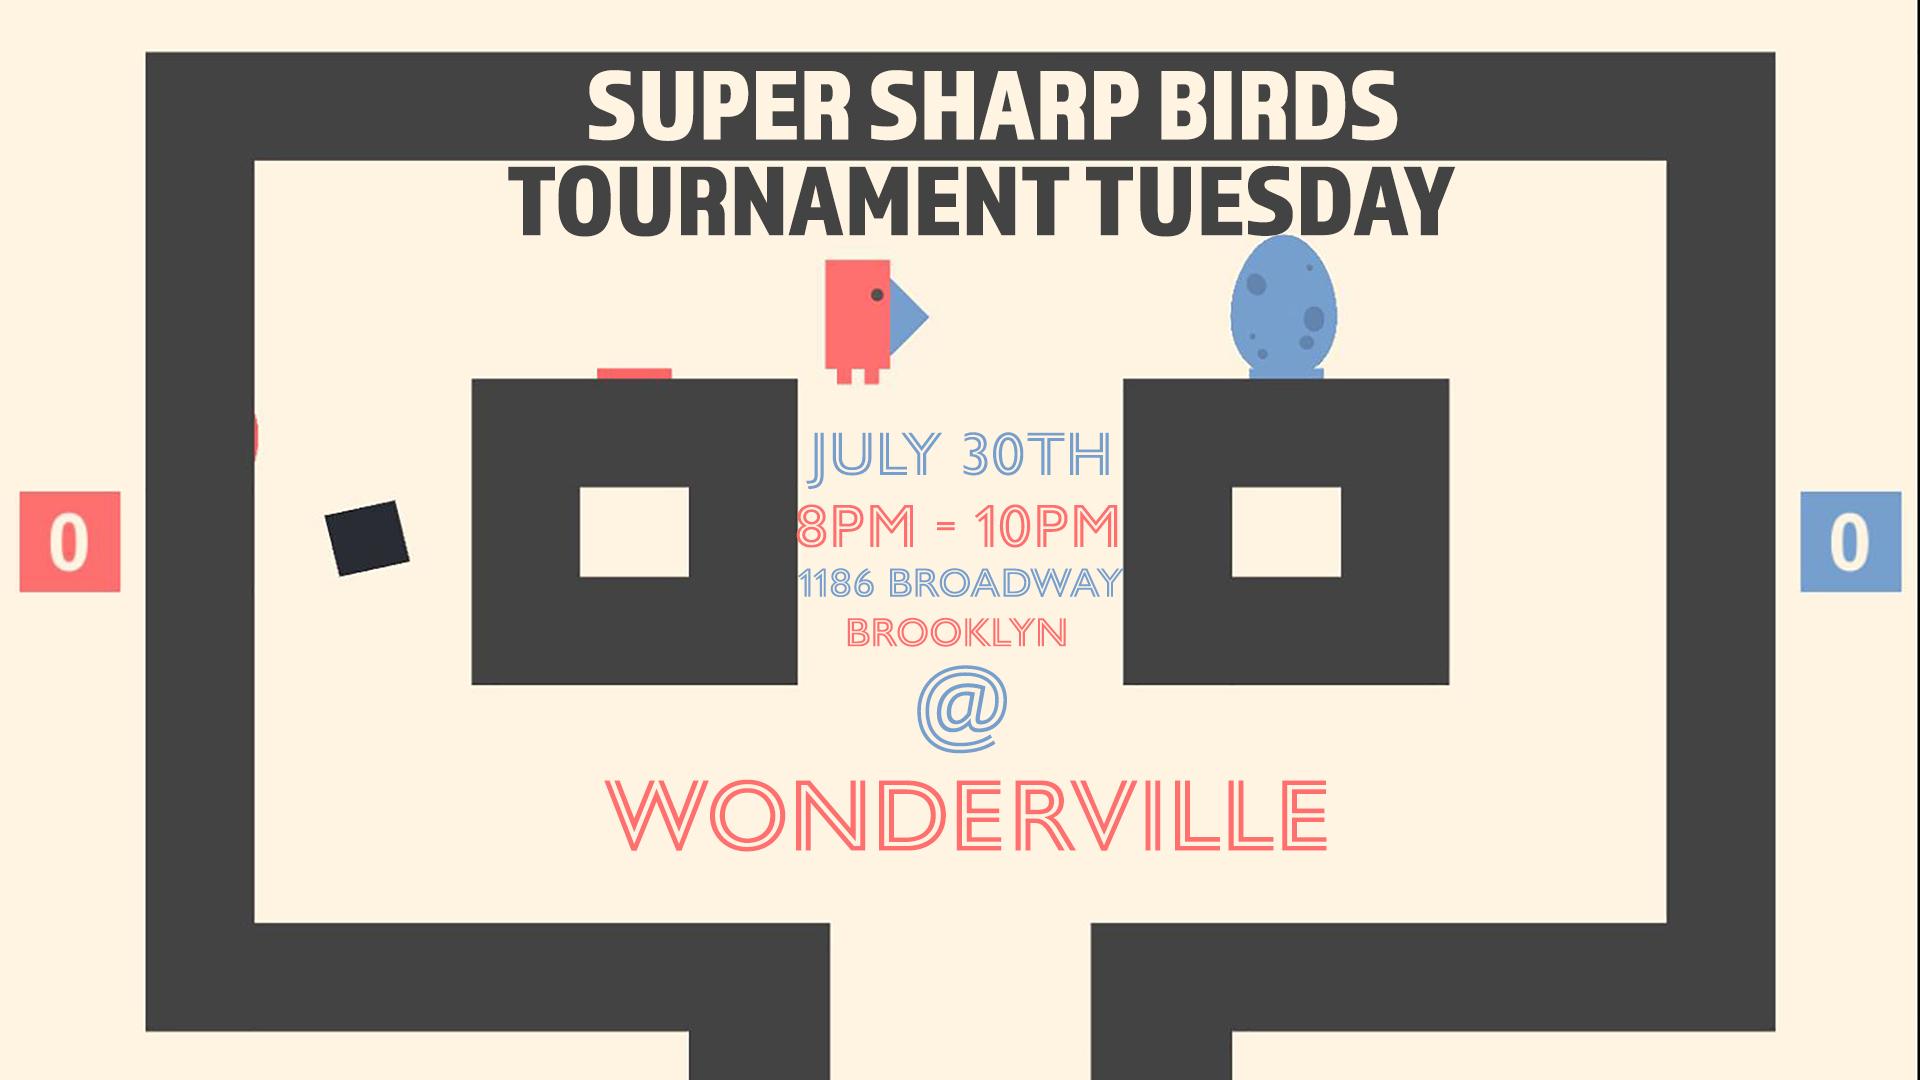 RSVP:  https://withfriends.co/Event/2168732/Super_Sharp_Birds_Tournament?fbclid=IwAR1vEiAZKd-L5ZTE3qwGlHzS0bsHETAYAcaZ1voHoda8NLLlwLLAiz_oPi8